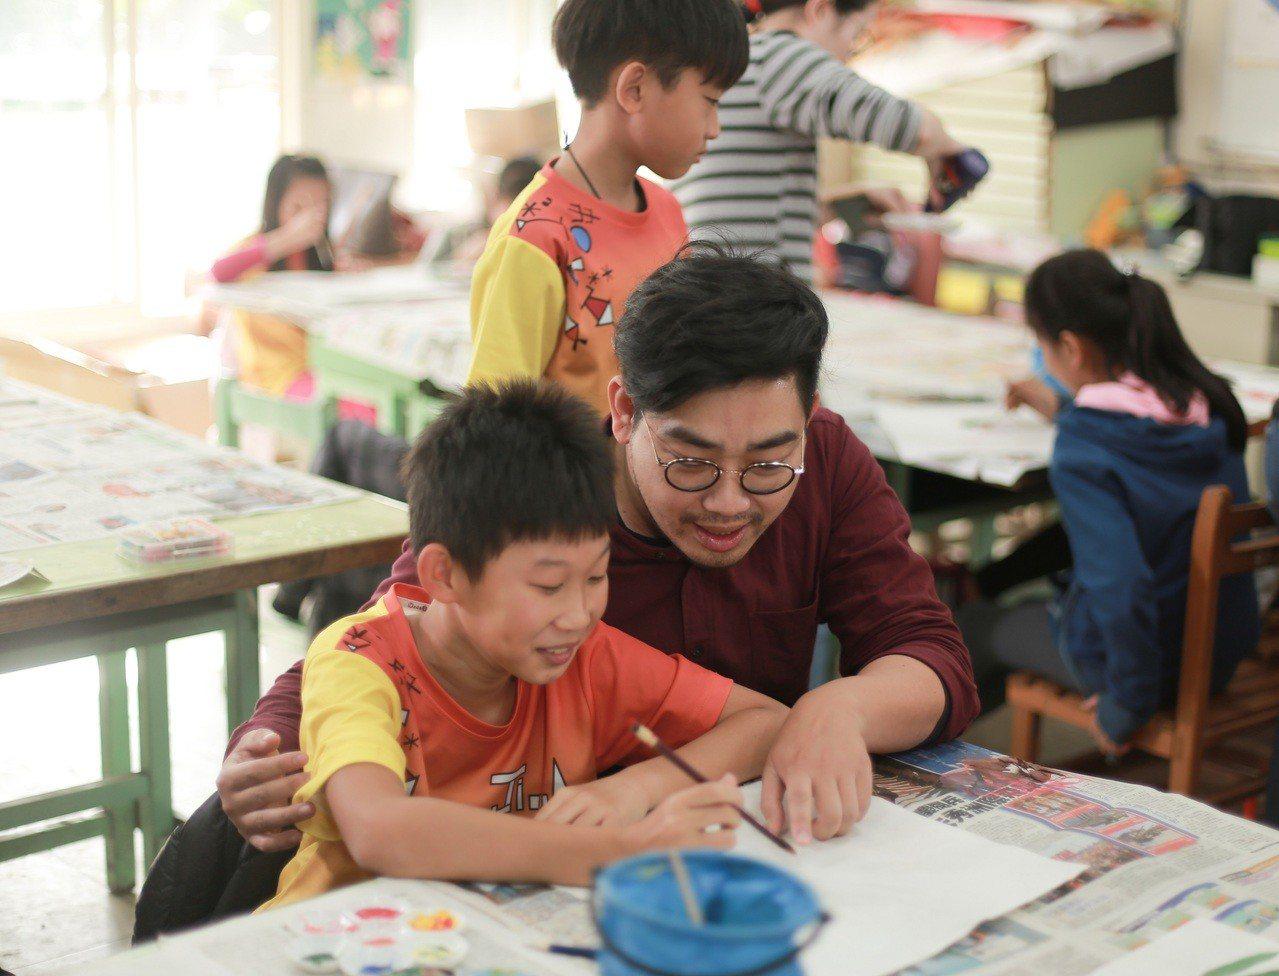 中壽與三峽建安國小孩童合作「玩美力計畫」,邀請藝術家與孩童們一起為格外品果醬創意...